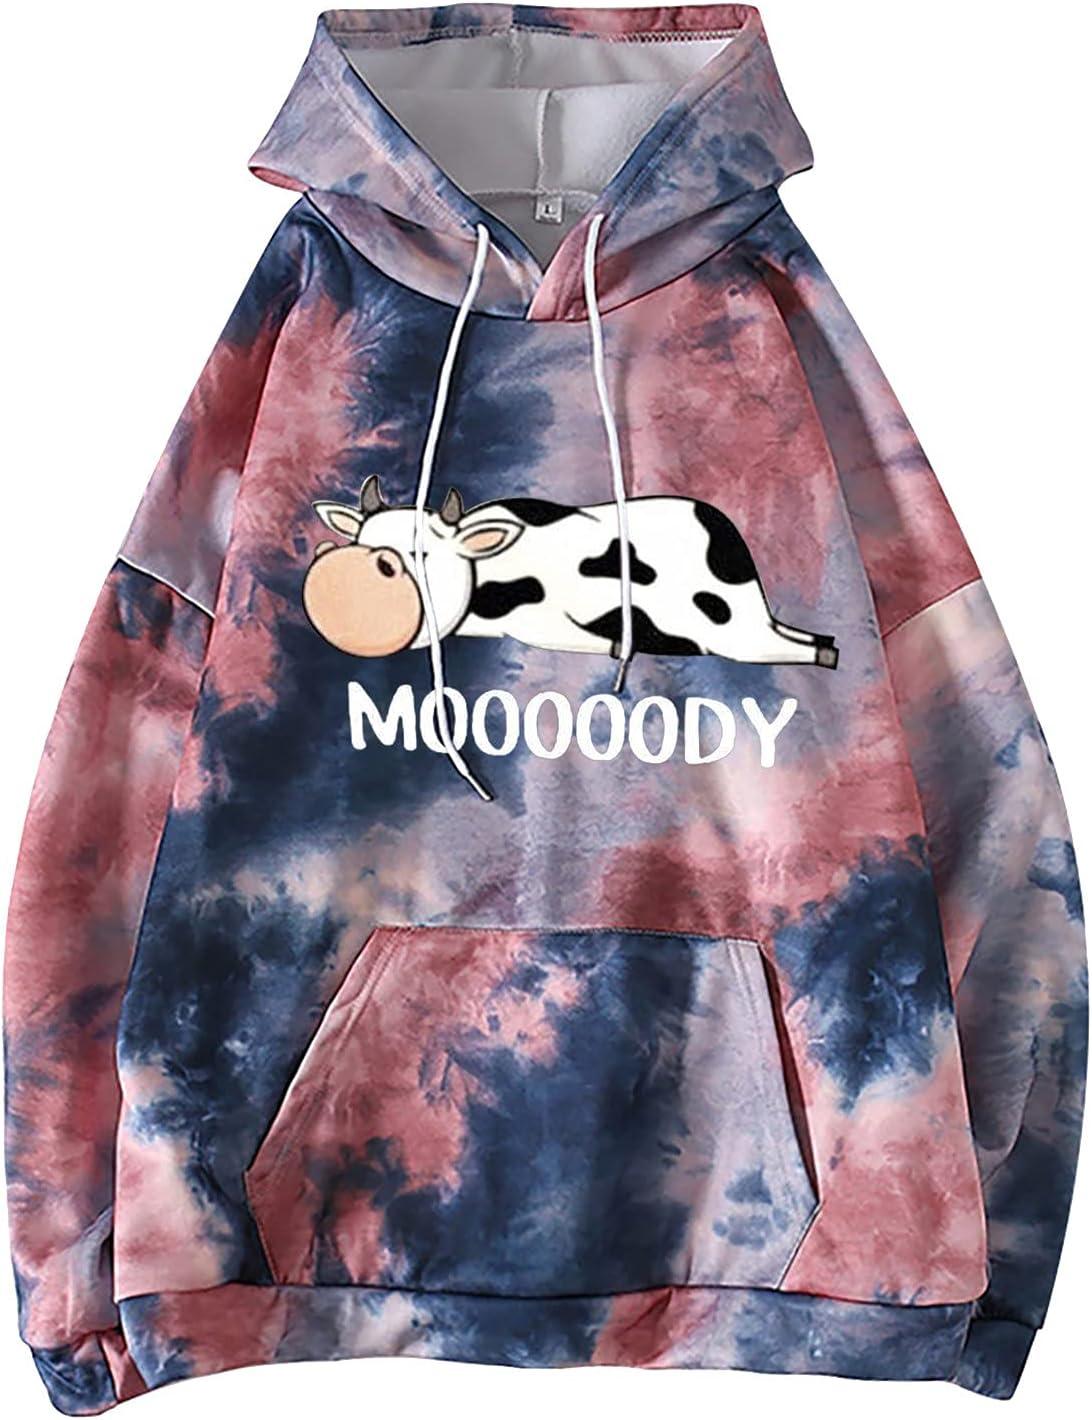 JPVDPA Women Casual Long Sleeve Hooded Sweatshirt Ladies Loose Fitting Pullover Cute Hoodie Printed for Teens